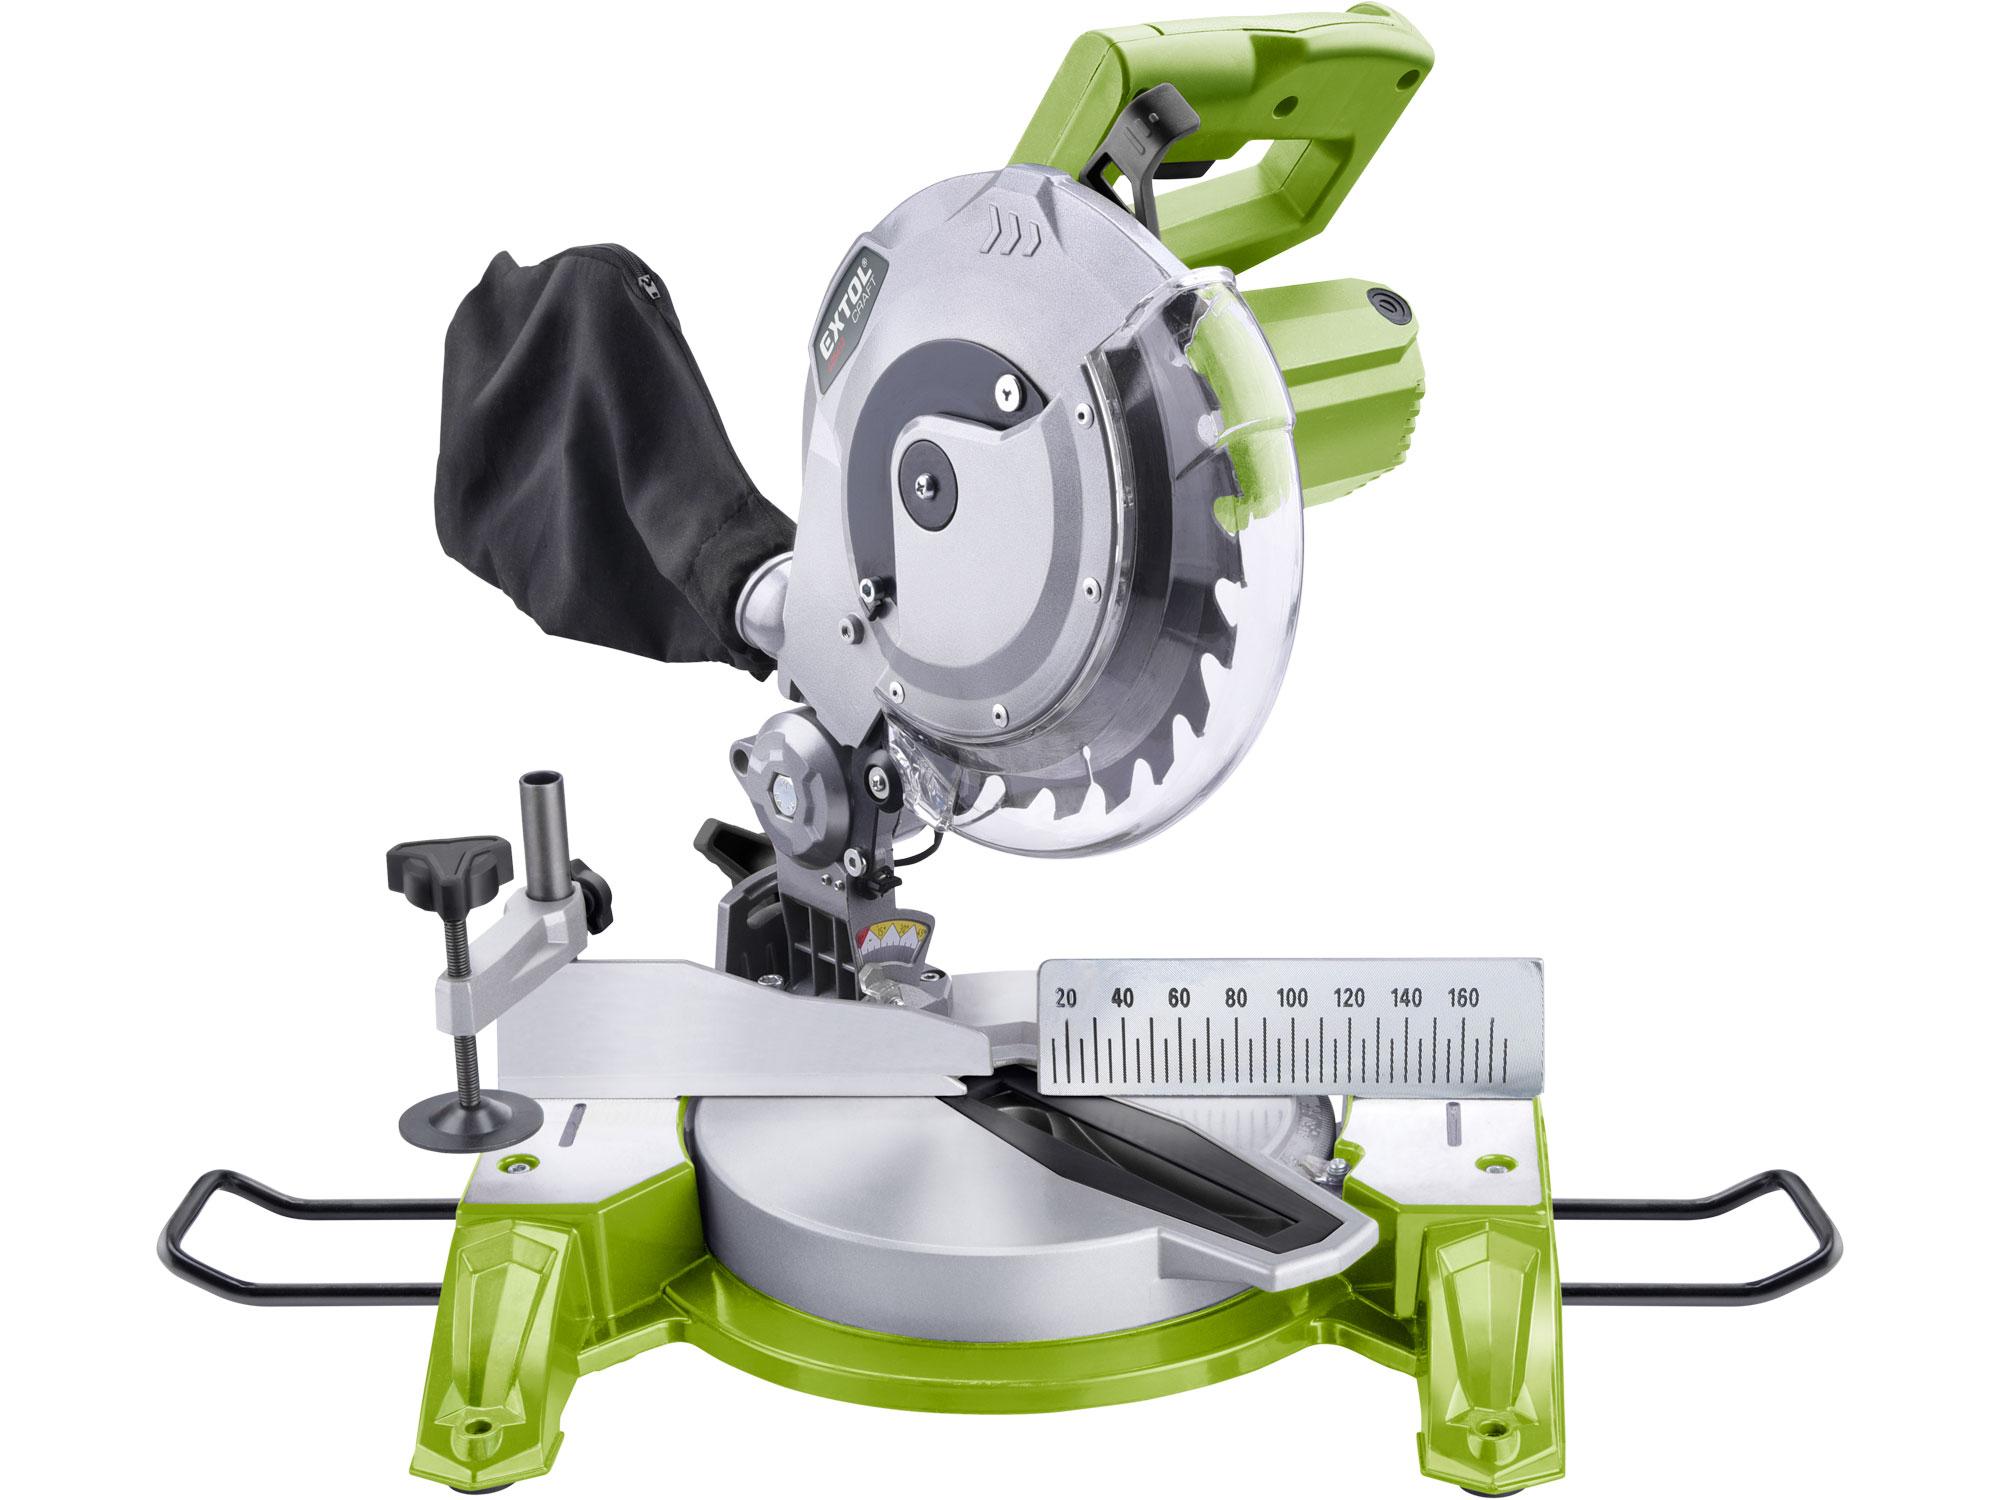 Pila pokosová s laserem, 210mm, 1450W EXTOL CRAFT 405412